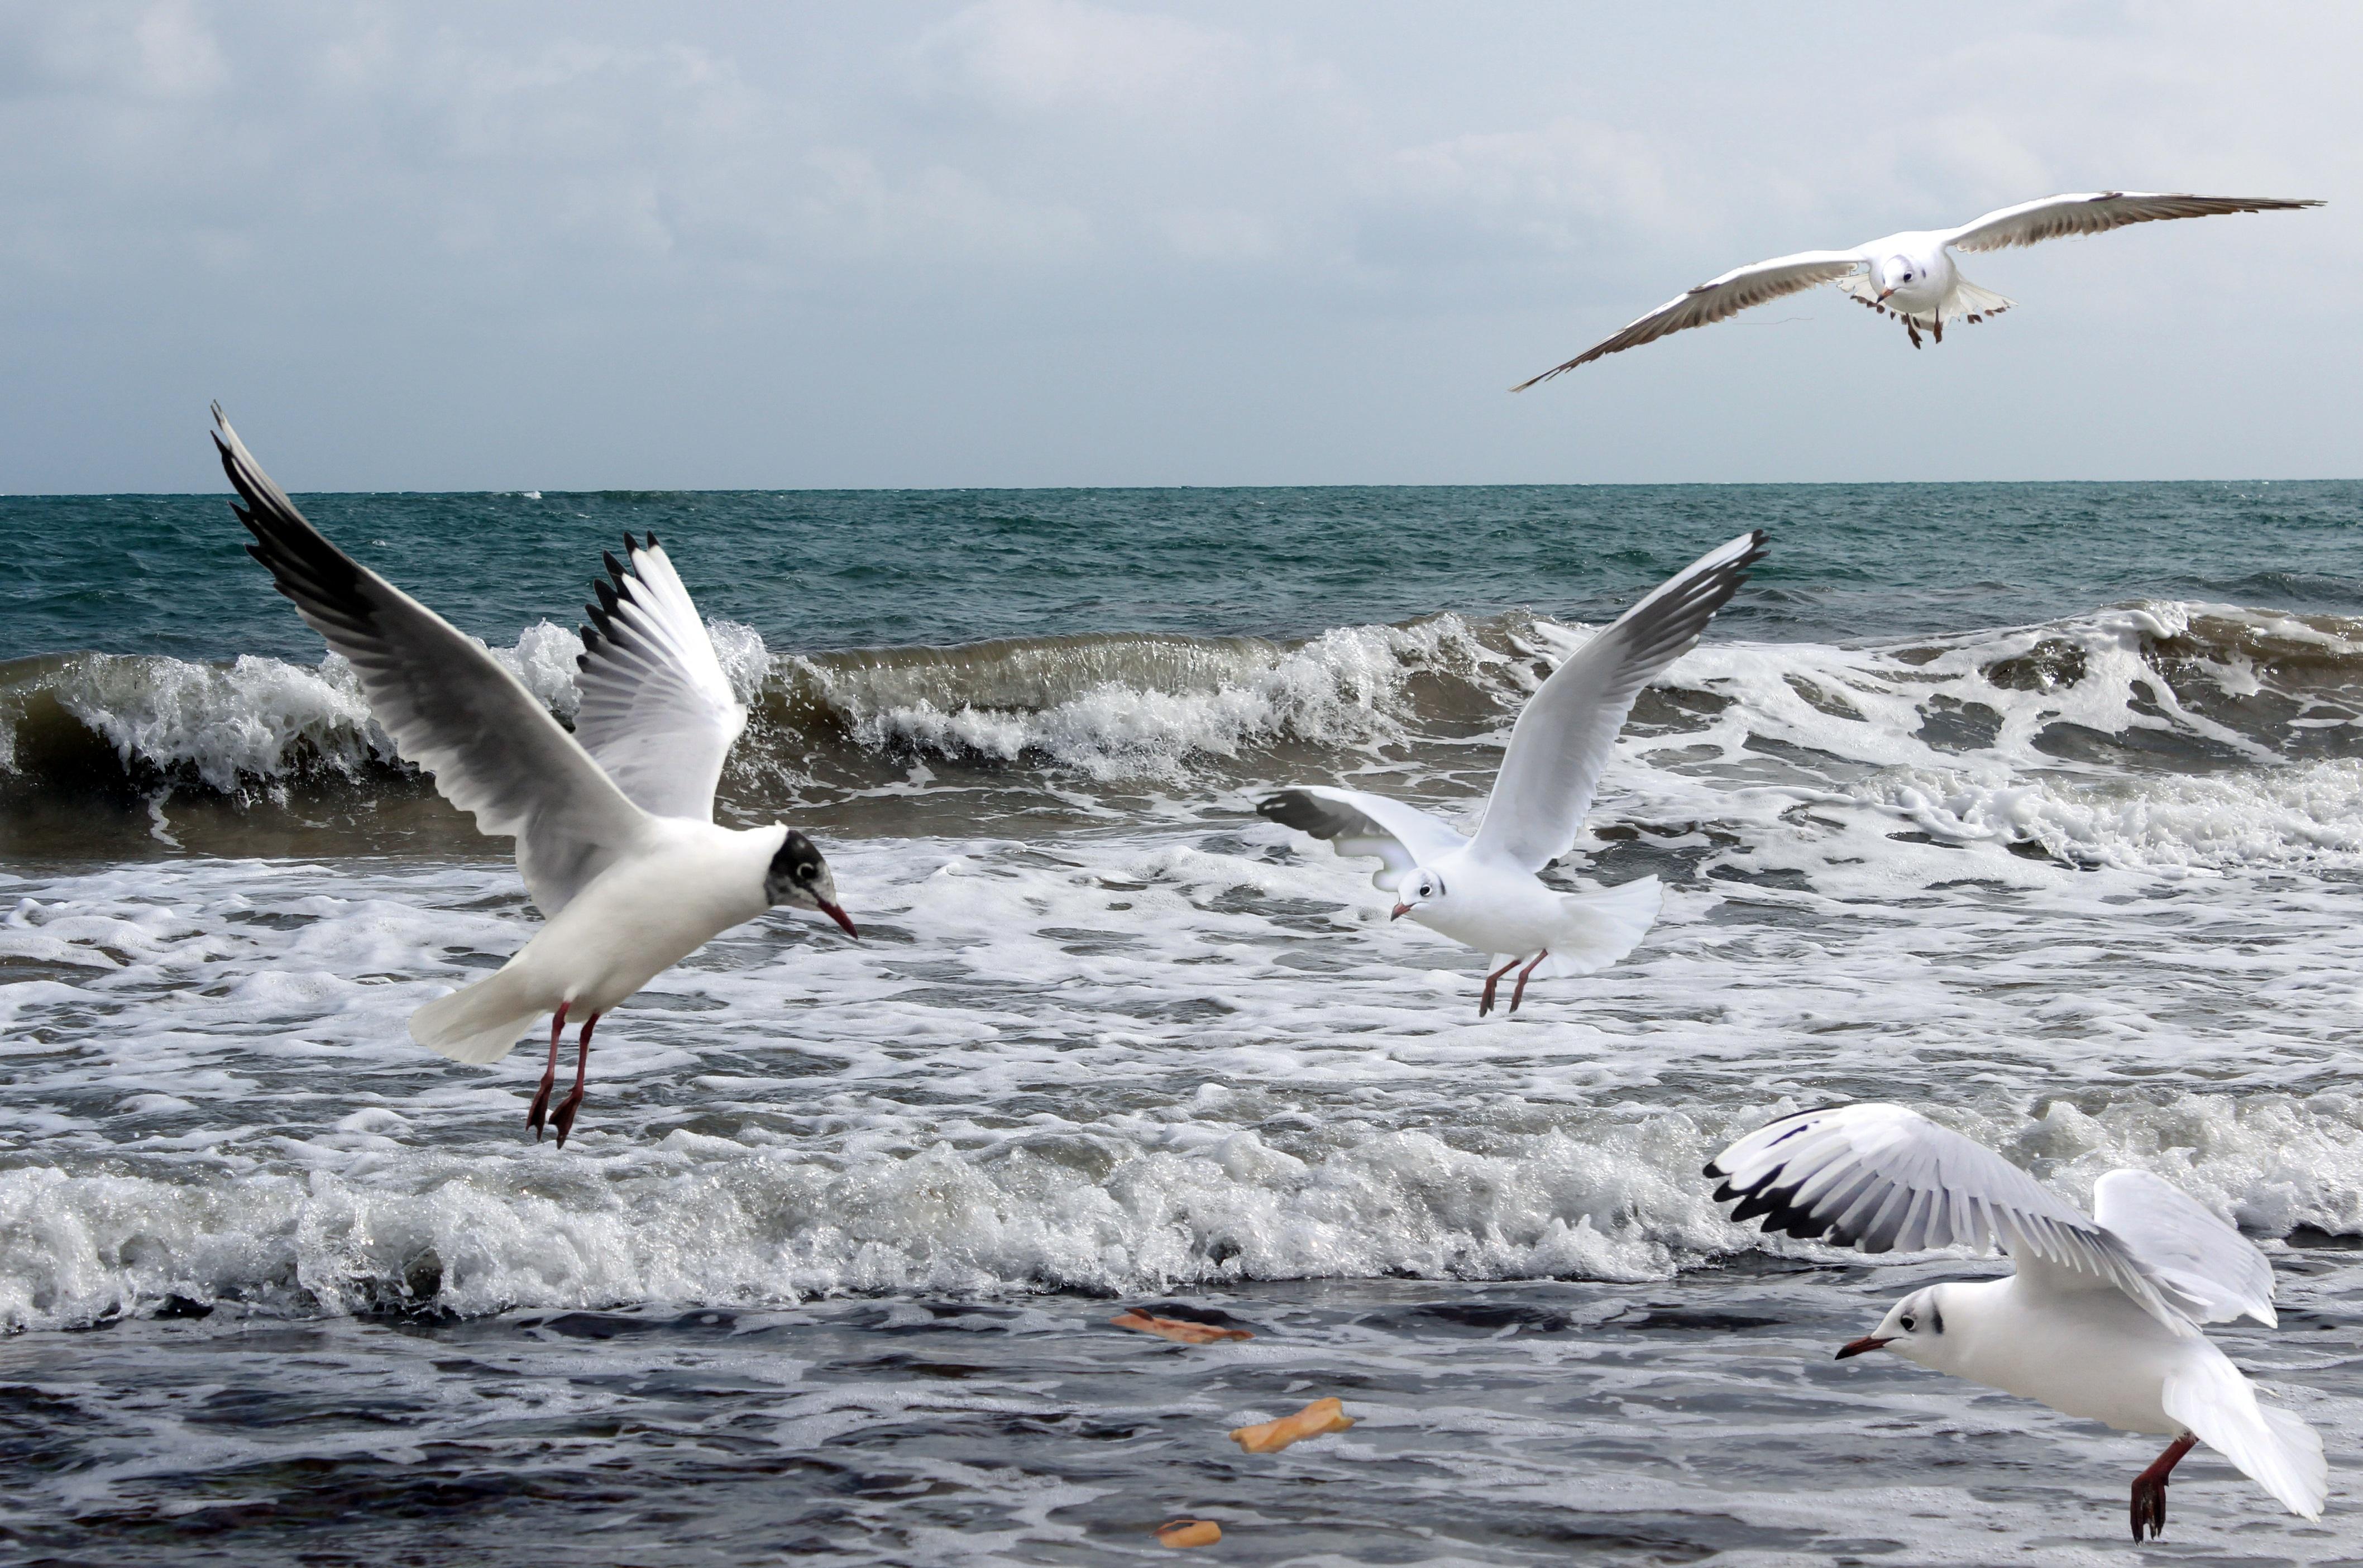 руками чайки над морем картинки невысоким ростом хорошо